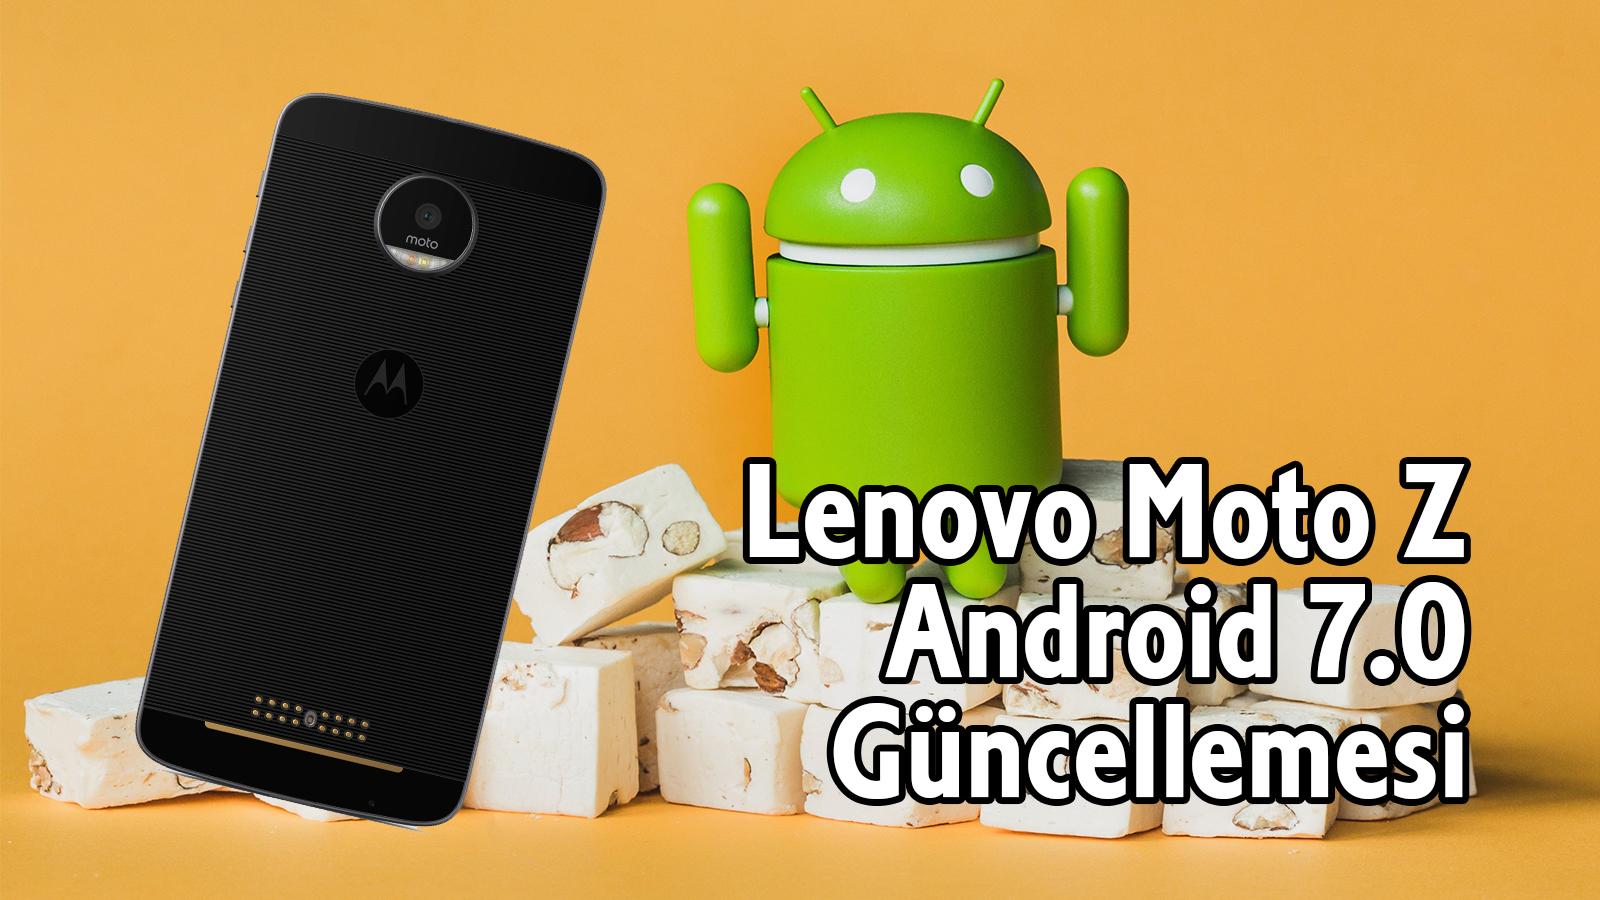 Lenovo moto Z android 7.0 nougat güncellemesi